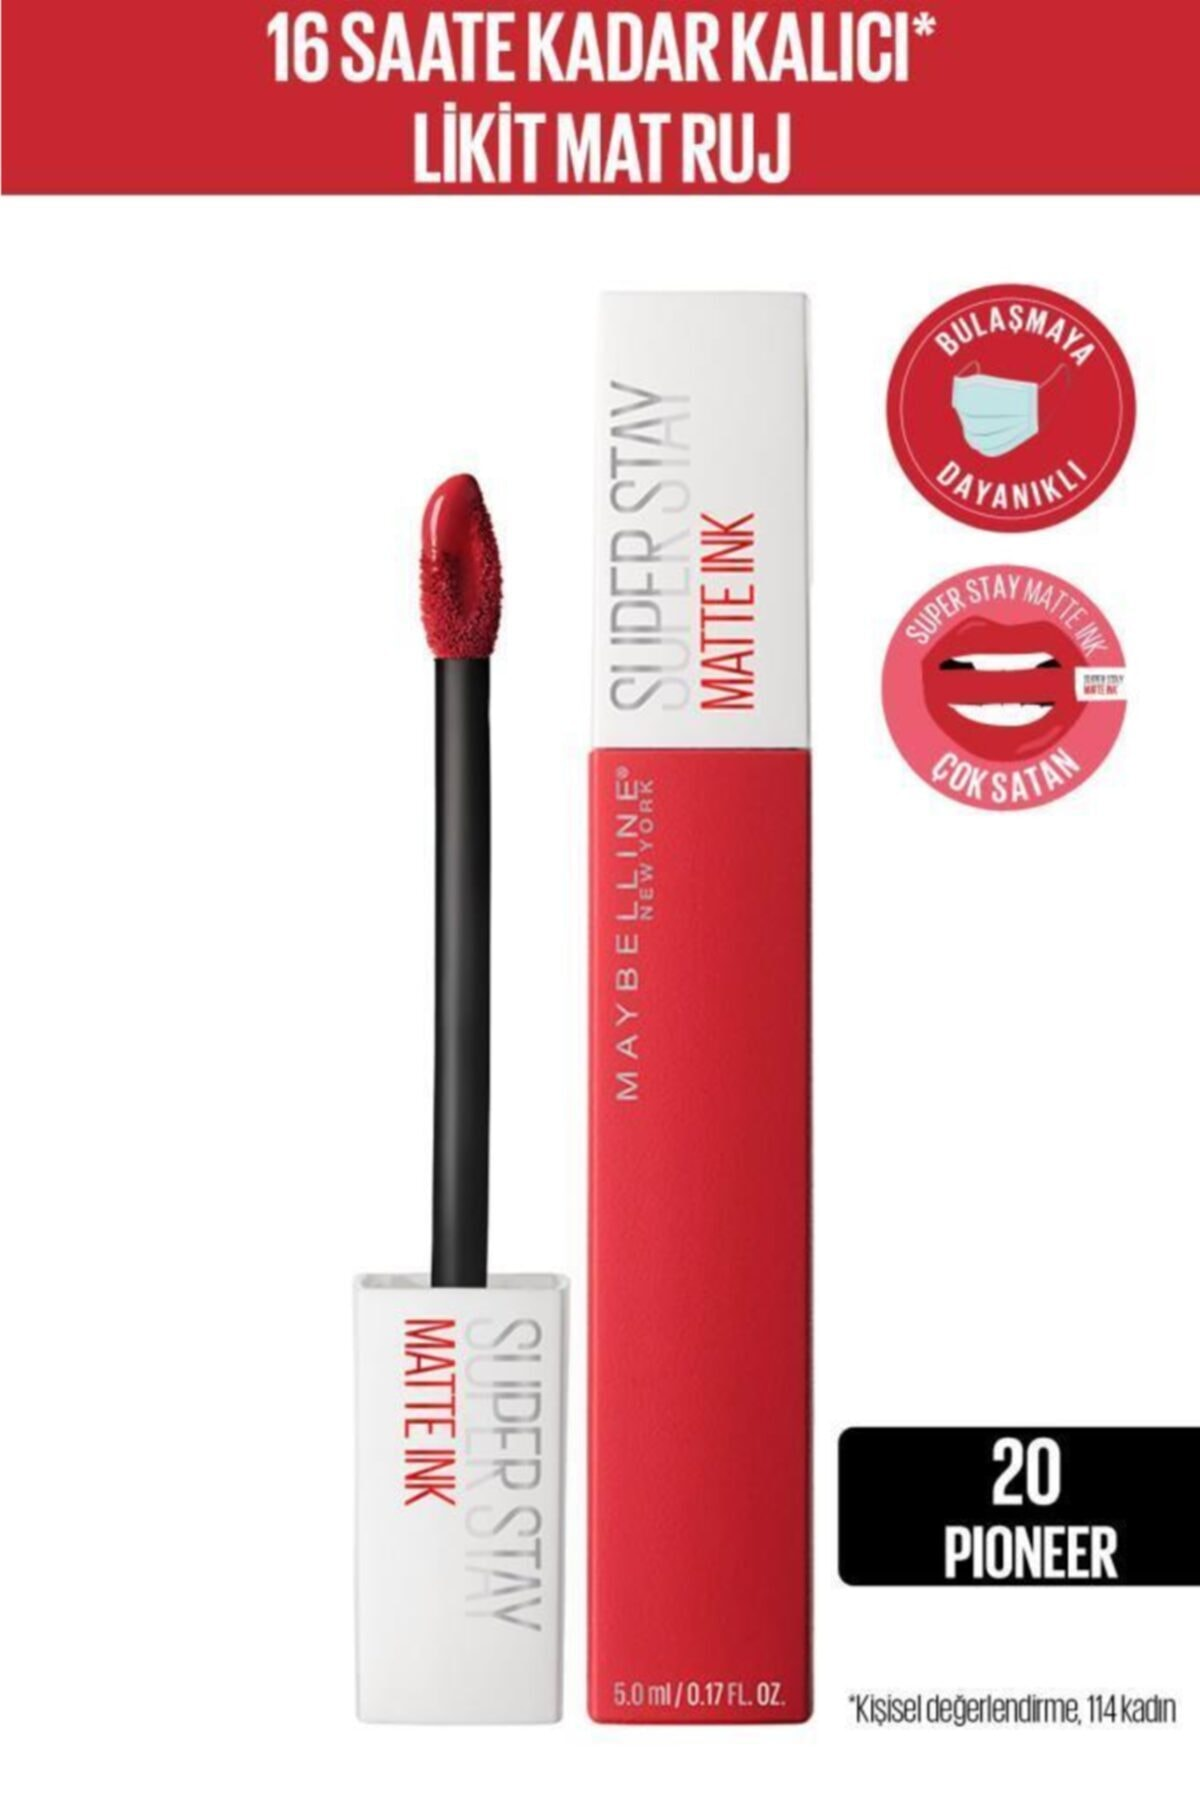 Super Stay Matte Ink Likit Mat Ruj - 20 Pioneer - Kırmızı